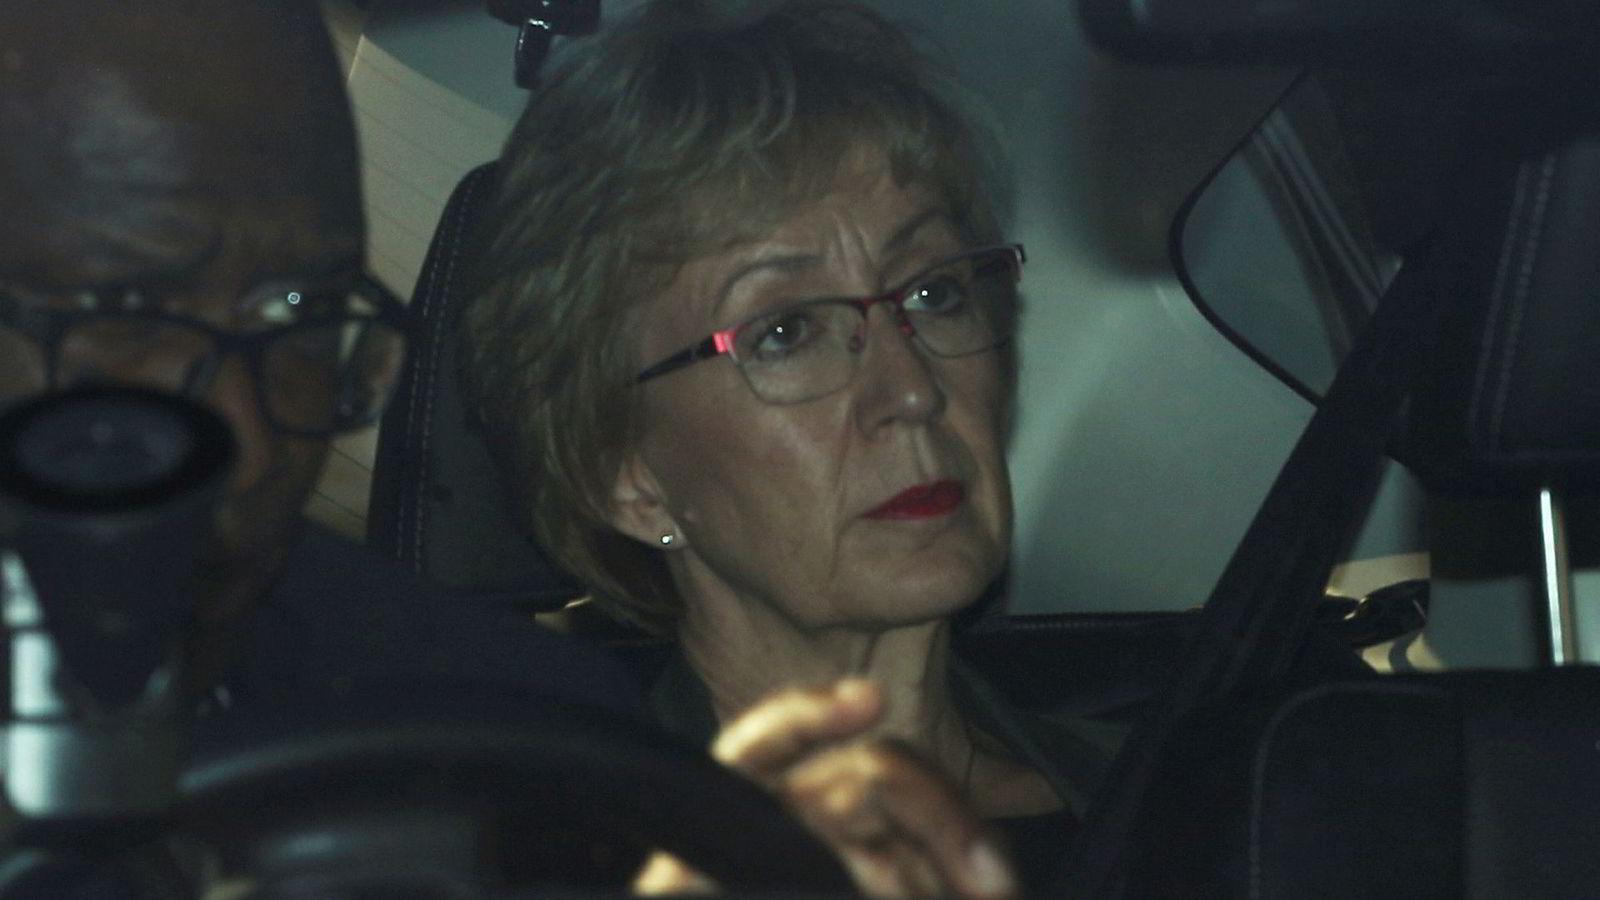 Andrea Leadsom, Det konservative partiets leder i parlamentet, trekker seg fordi hun ikke lenger har tros på statsminister Theresa Mays brexit-strategi.